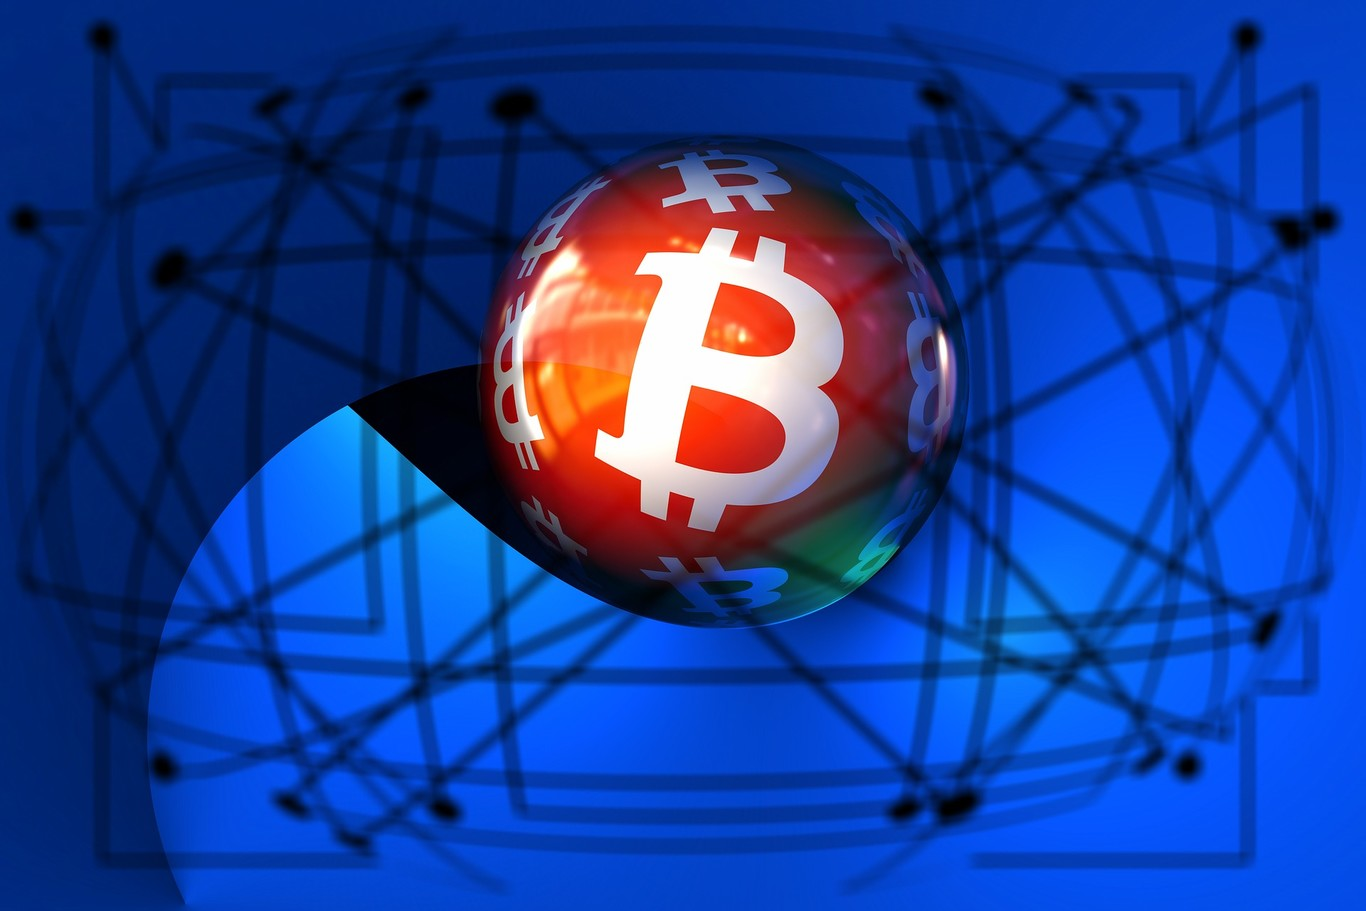 Un investigador descubrió el código de una puerta trasera en un equipo de mineo de bitcoins